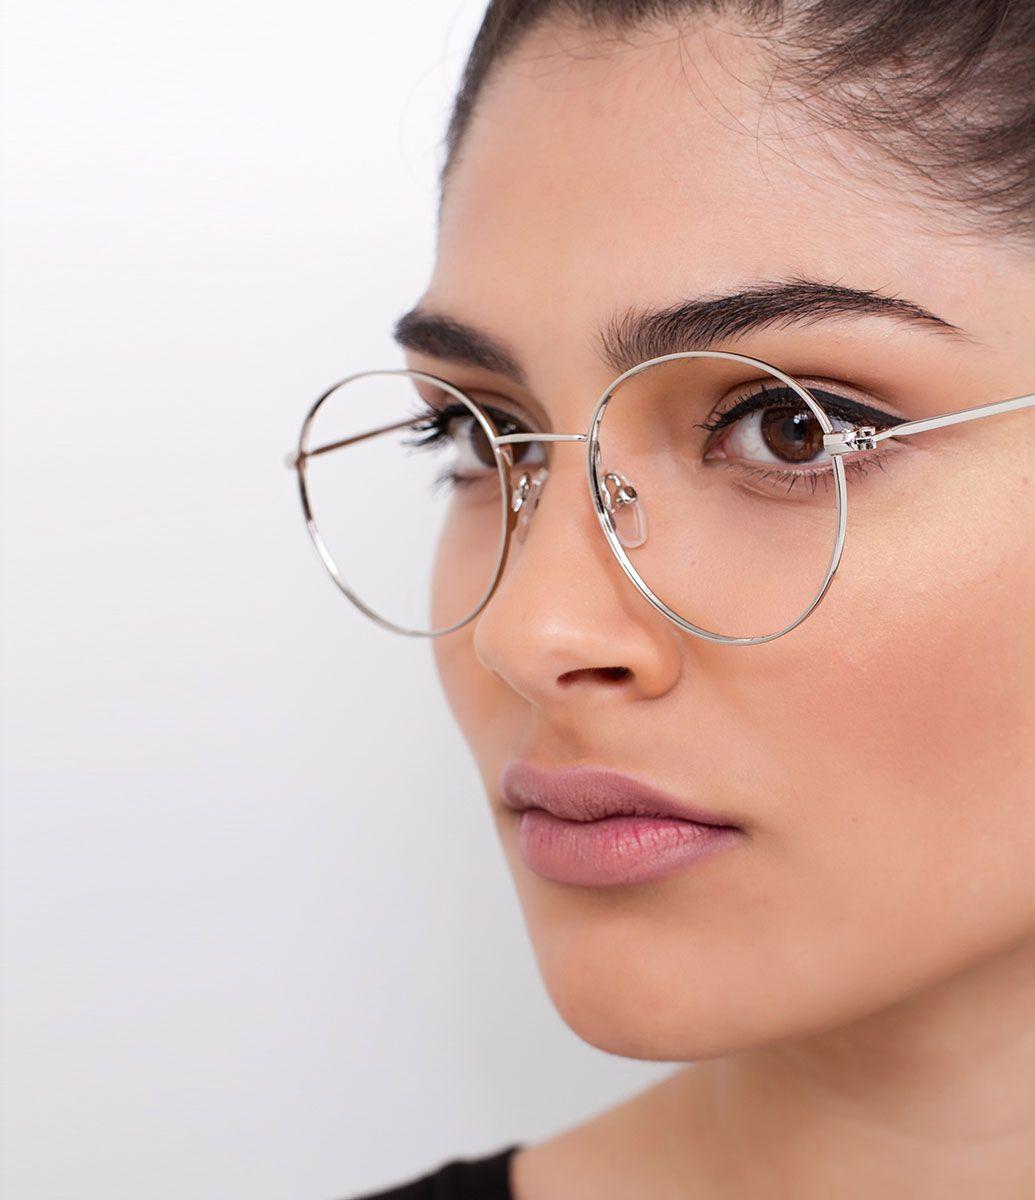 549c810b6 Armação de óculos Modelo redondo Hastes em acetato Não acompanha lentes  Acompanha um estojo de tecido